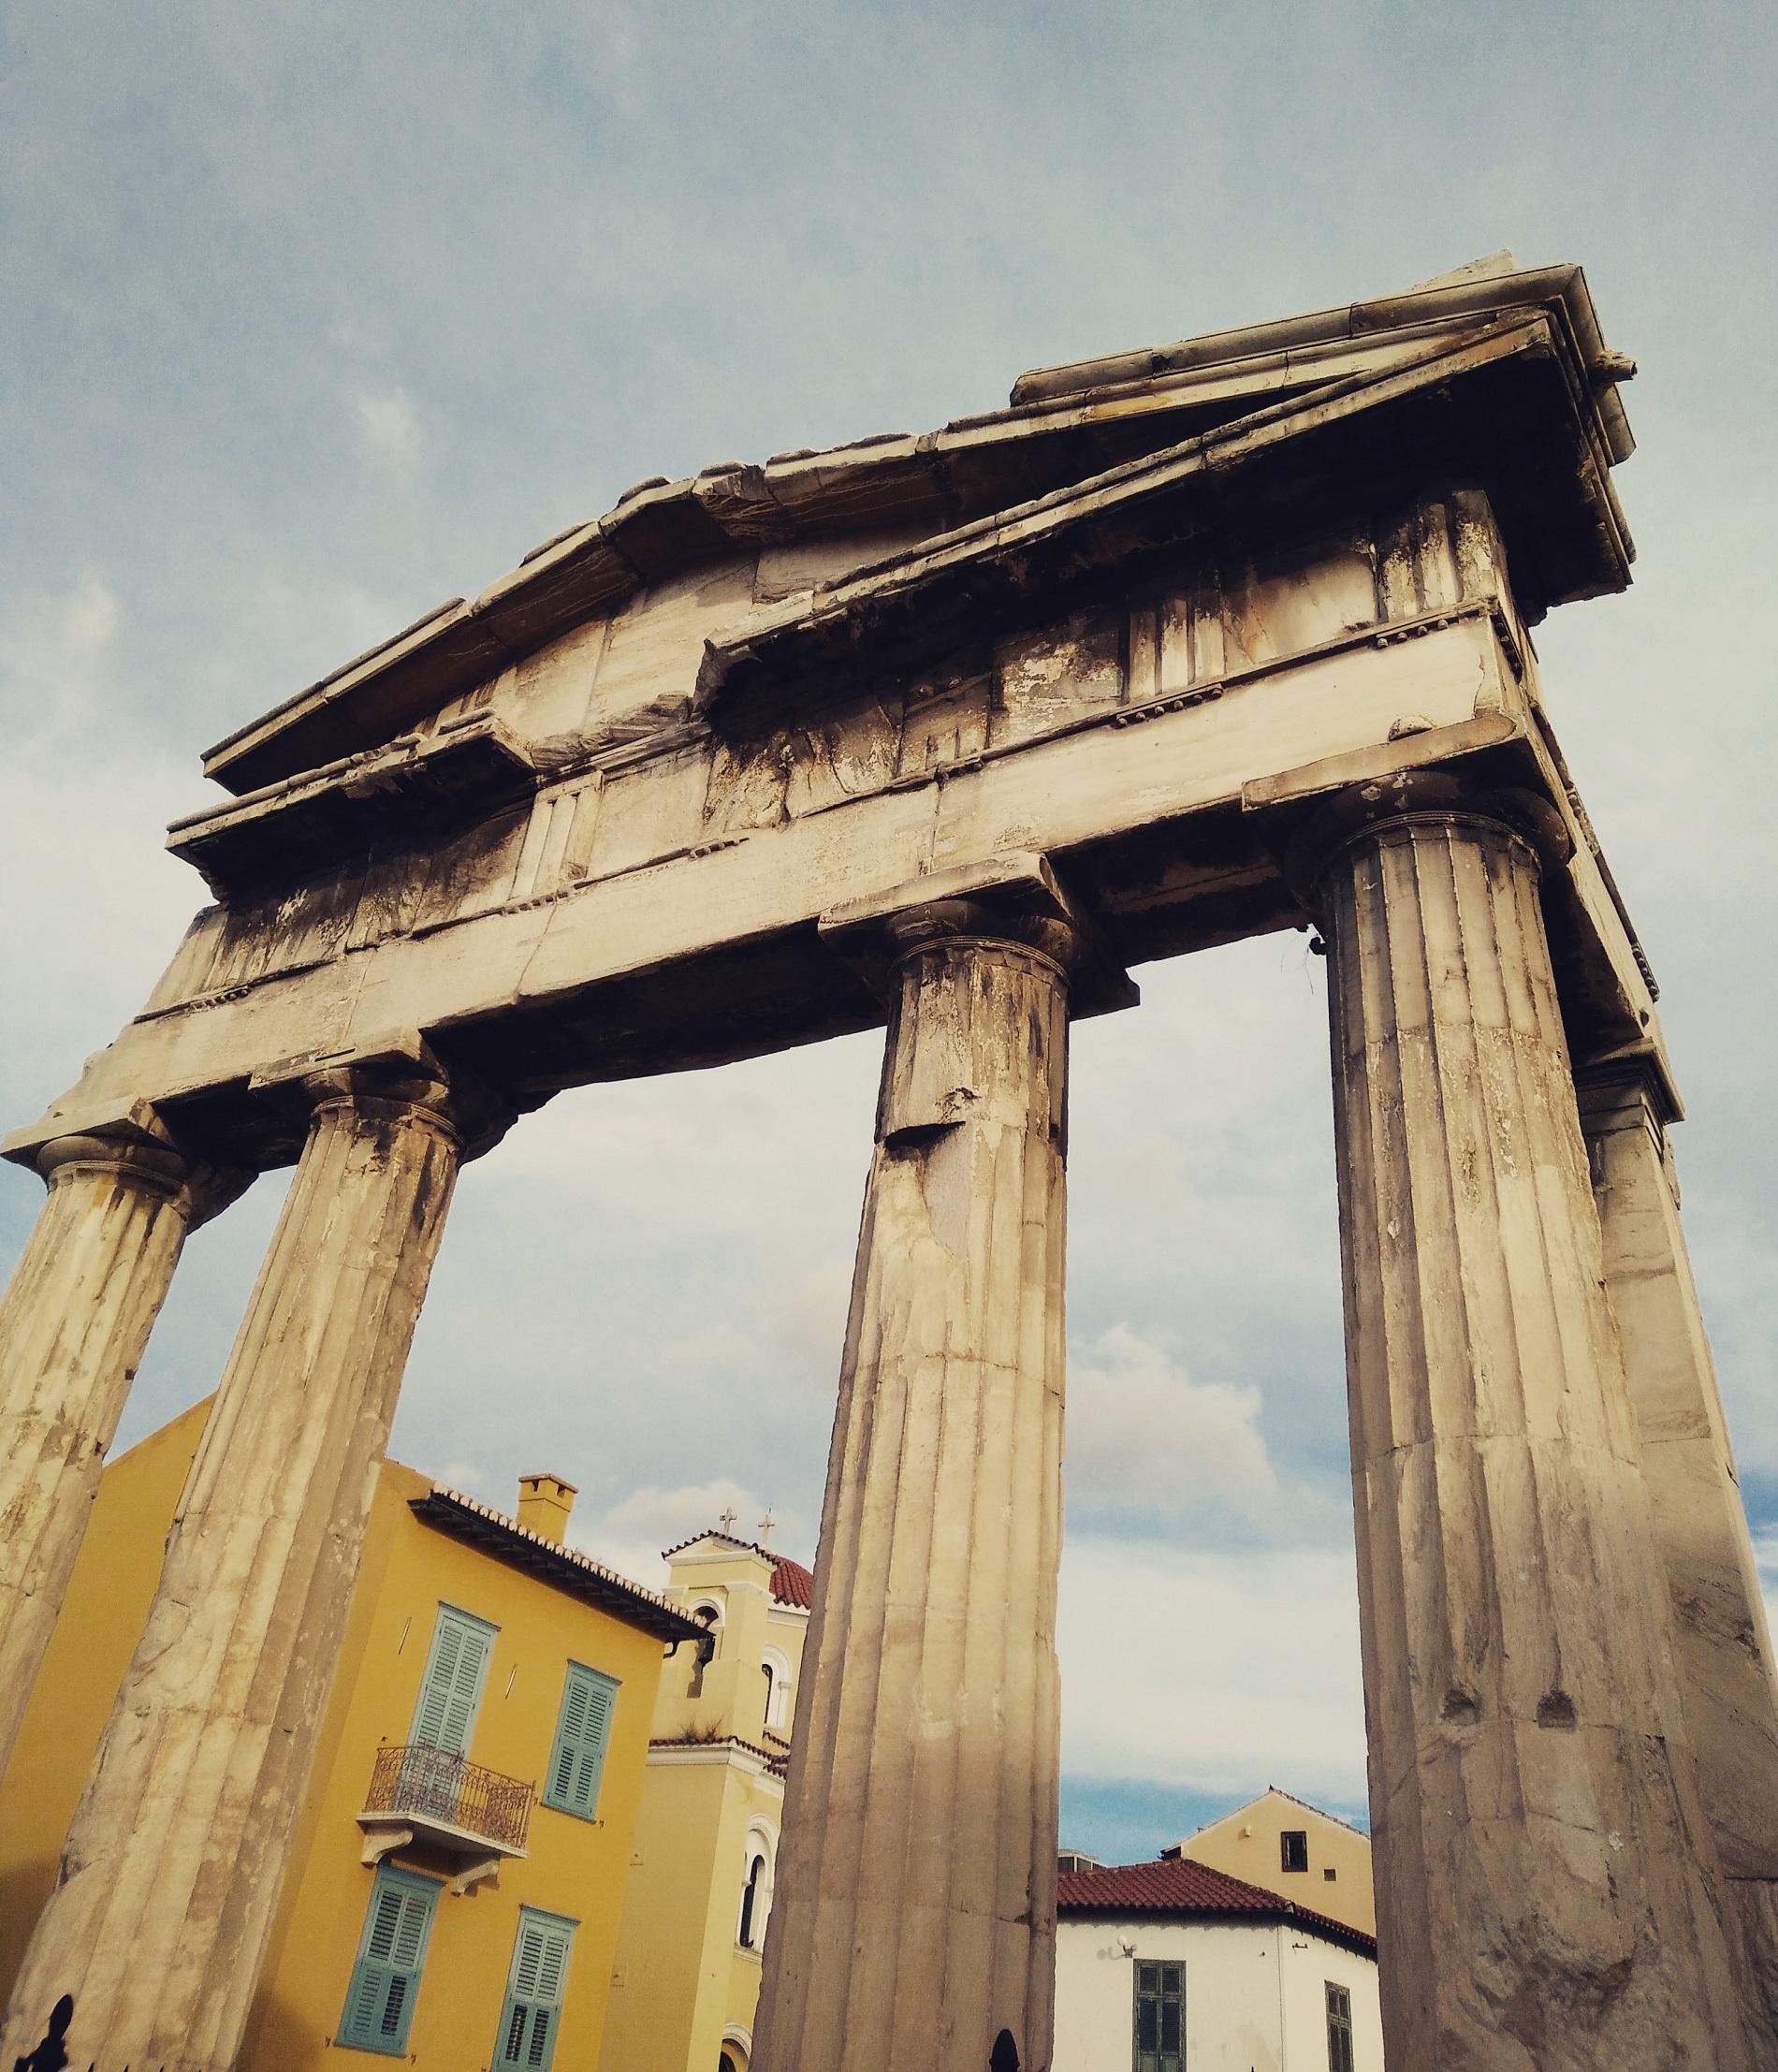 Αρχαια μνημεια μπορουν να βρεθουν σε ολοκληρη τη γειτονια της Πλακας